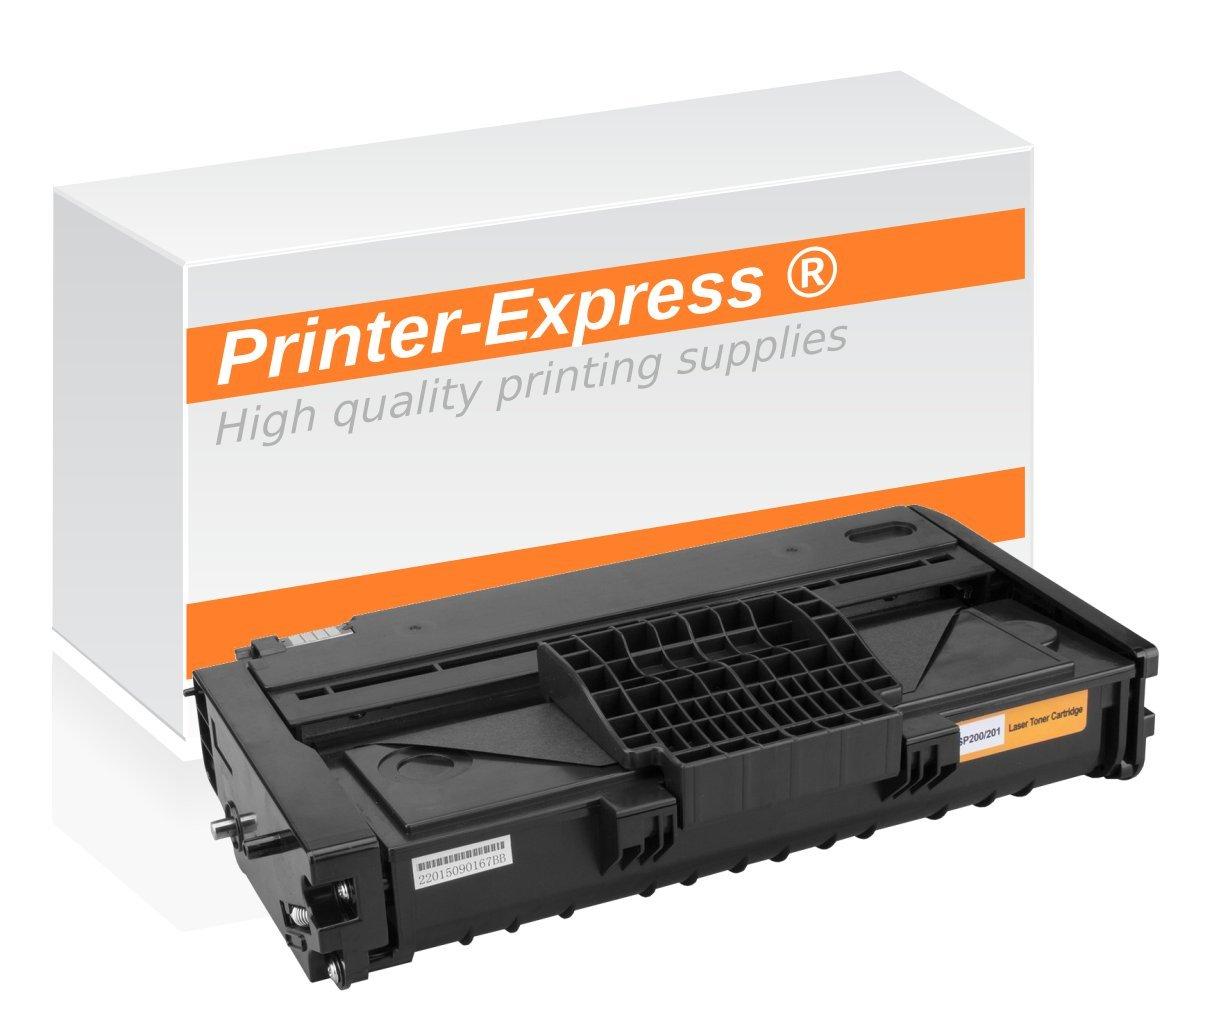 Printer Express XL - Tóner equivalente a Ricoh SP 200, 210 Serie ...